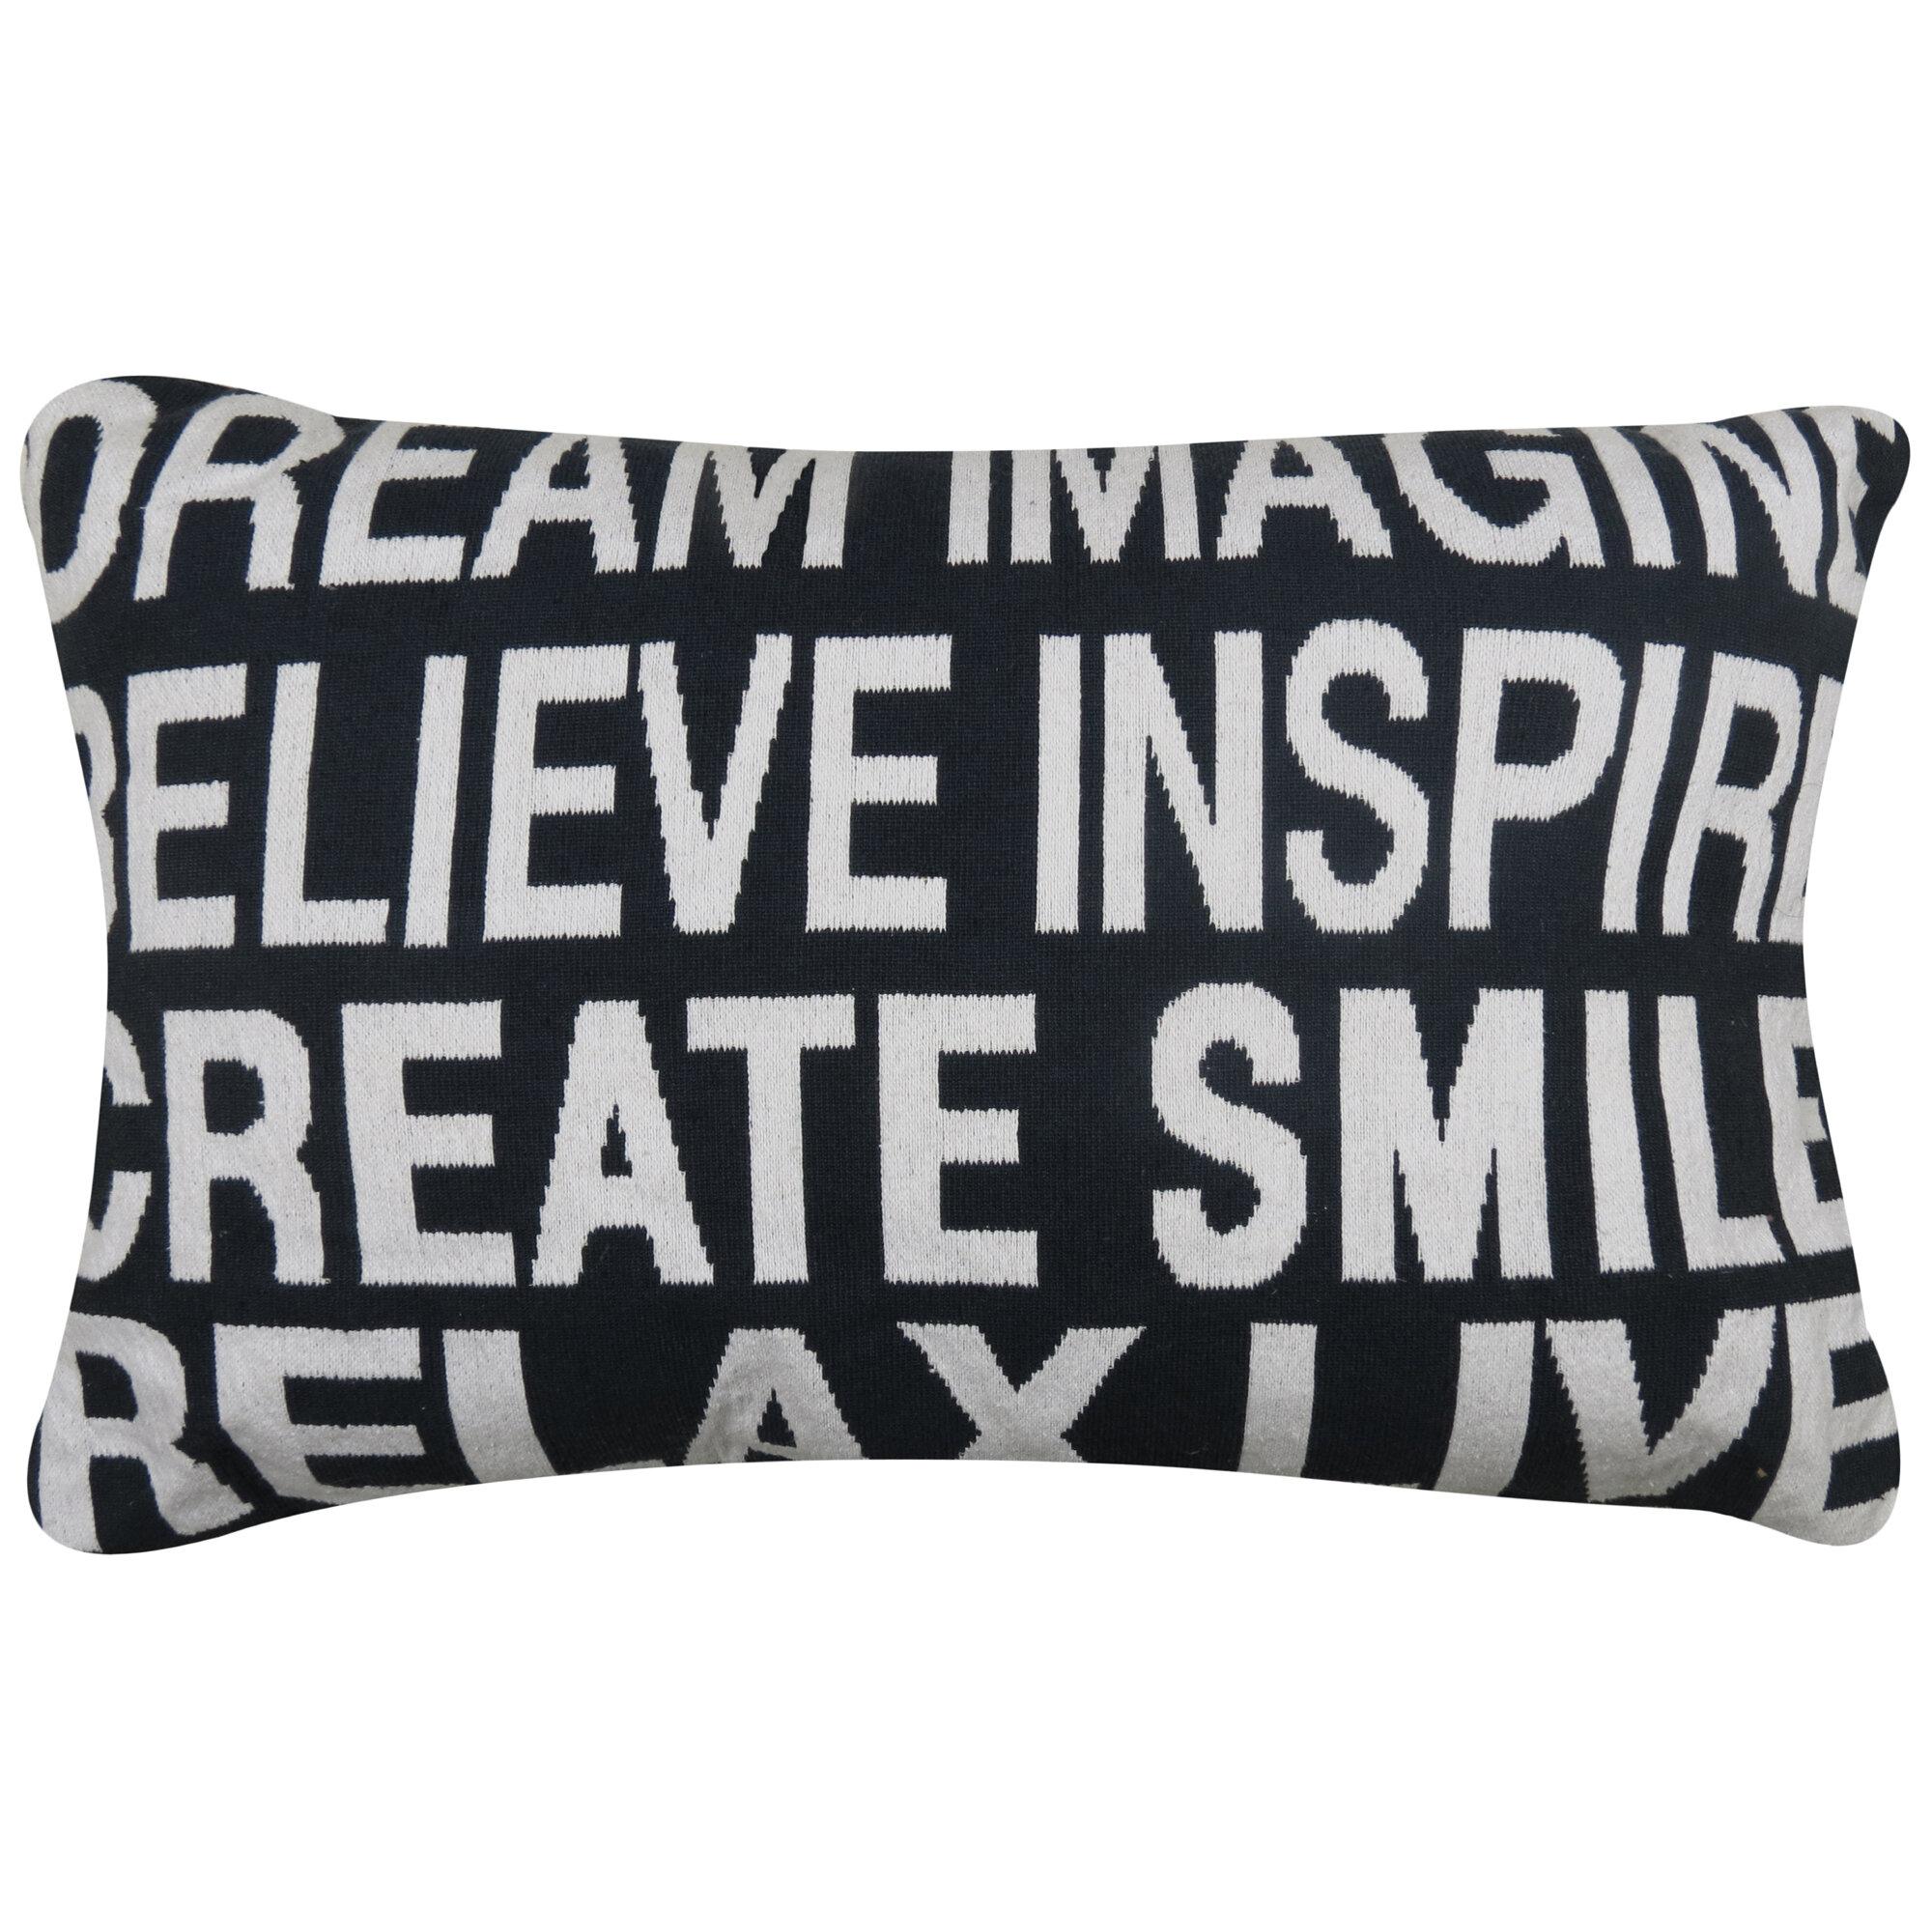 decorative products african img pillows daffina lumbar print pillow